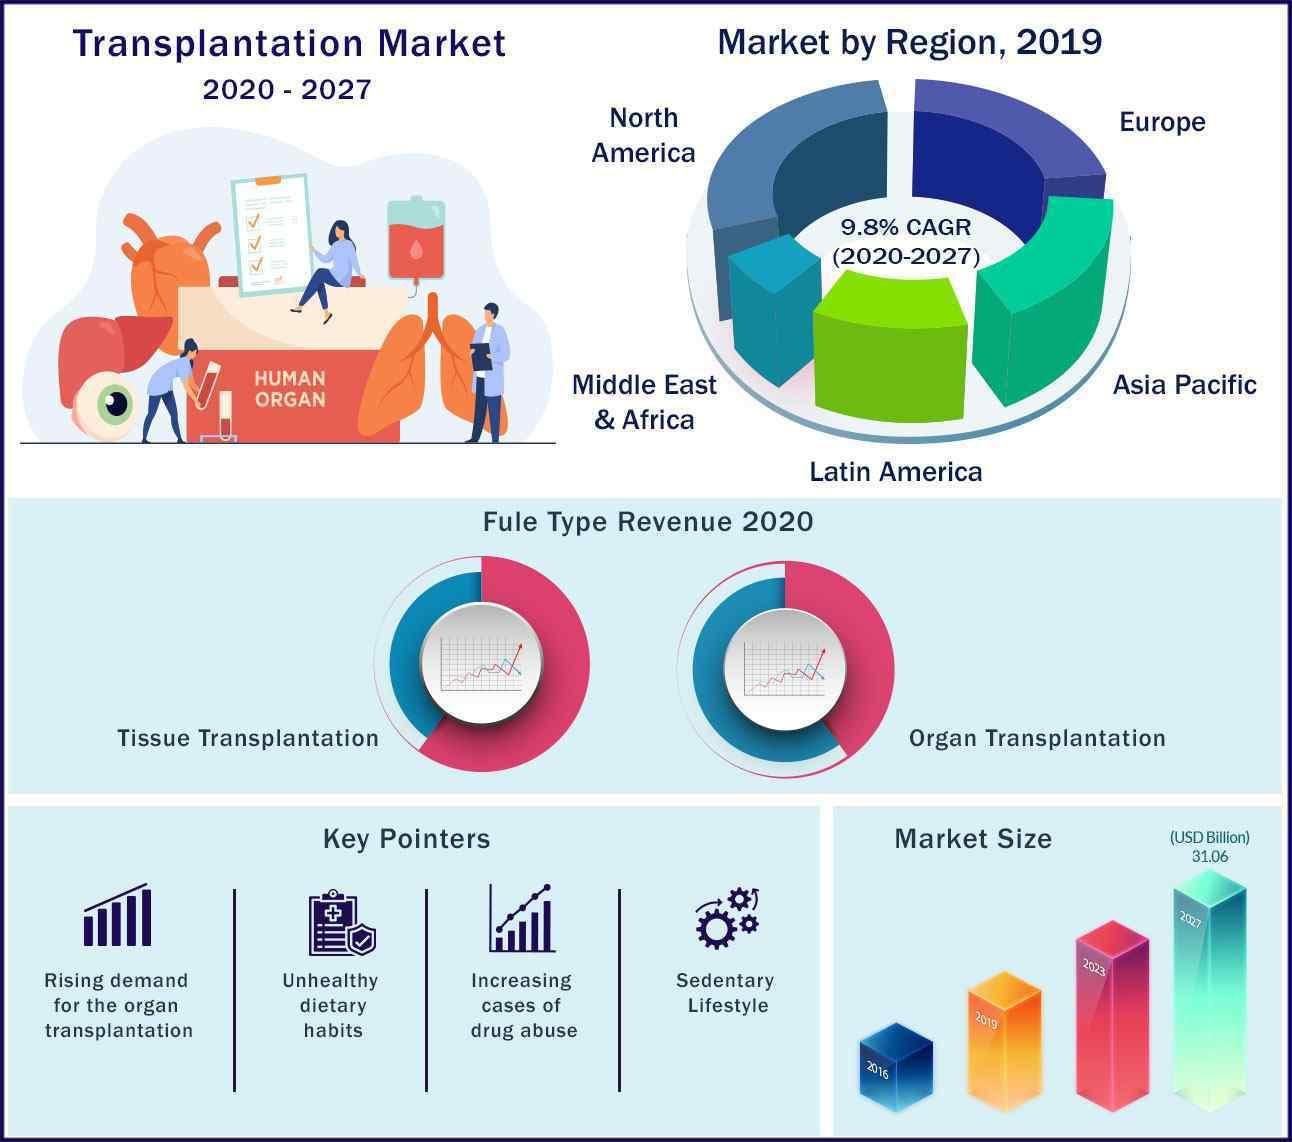 Global Transplantation Market 2020 to 2027